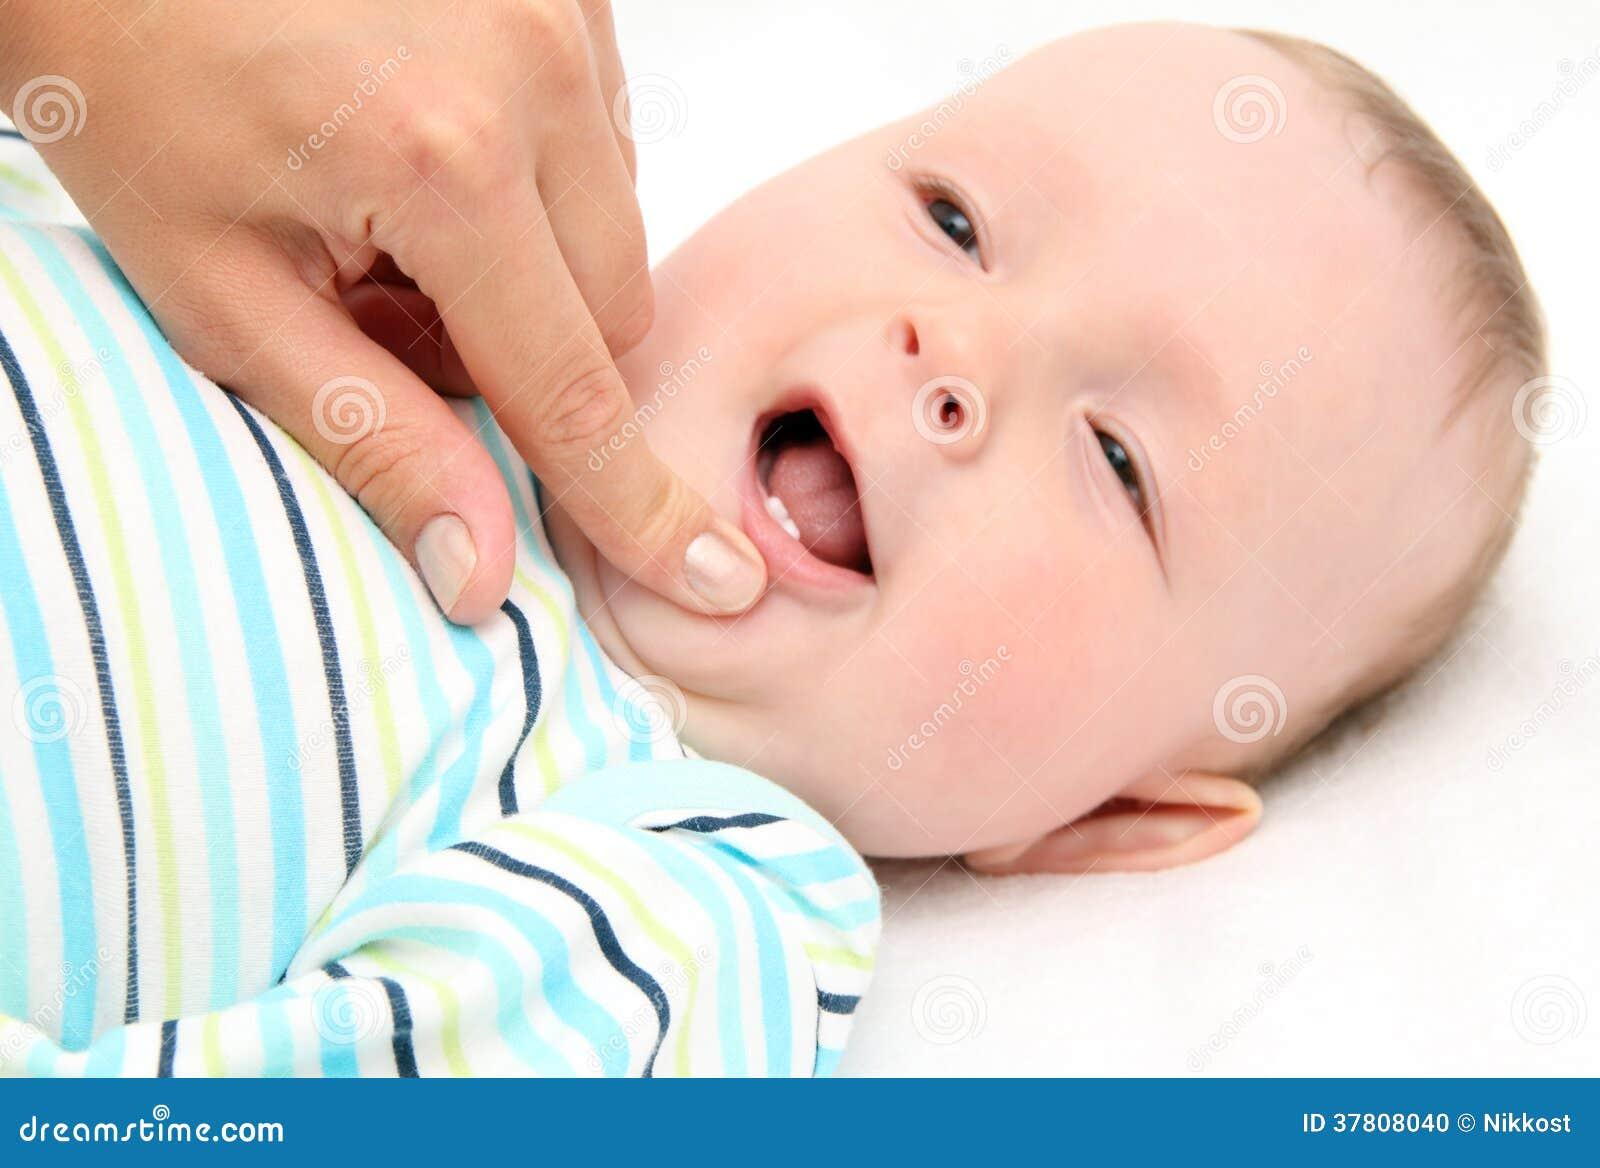 zähne bei babys